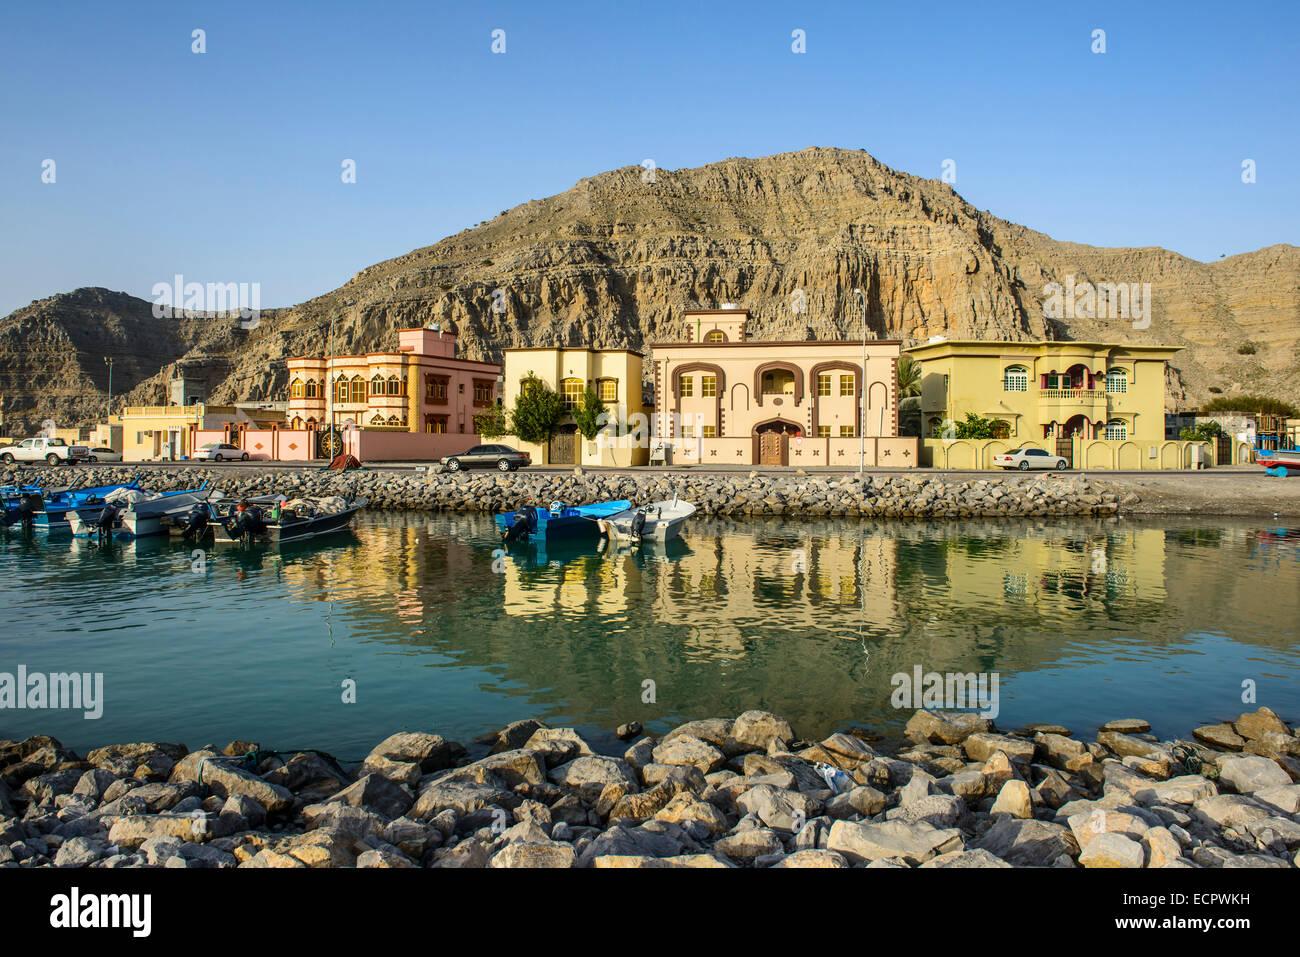 Maisons sur l'eau, Khasab, Oman, Musandam Photo Stock